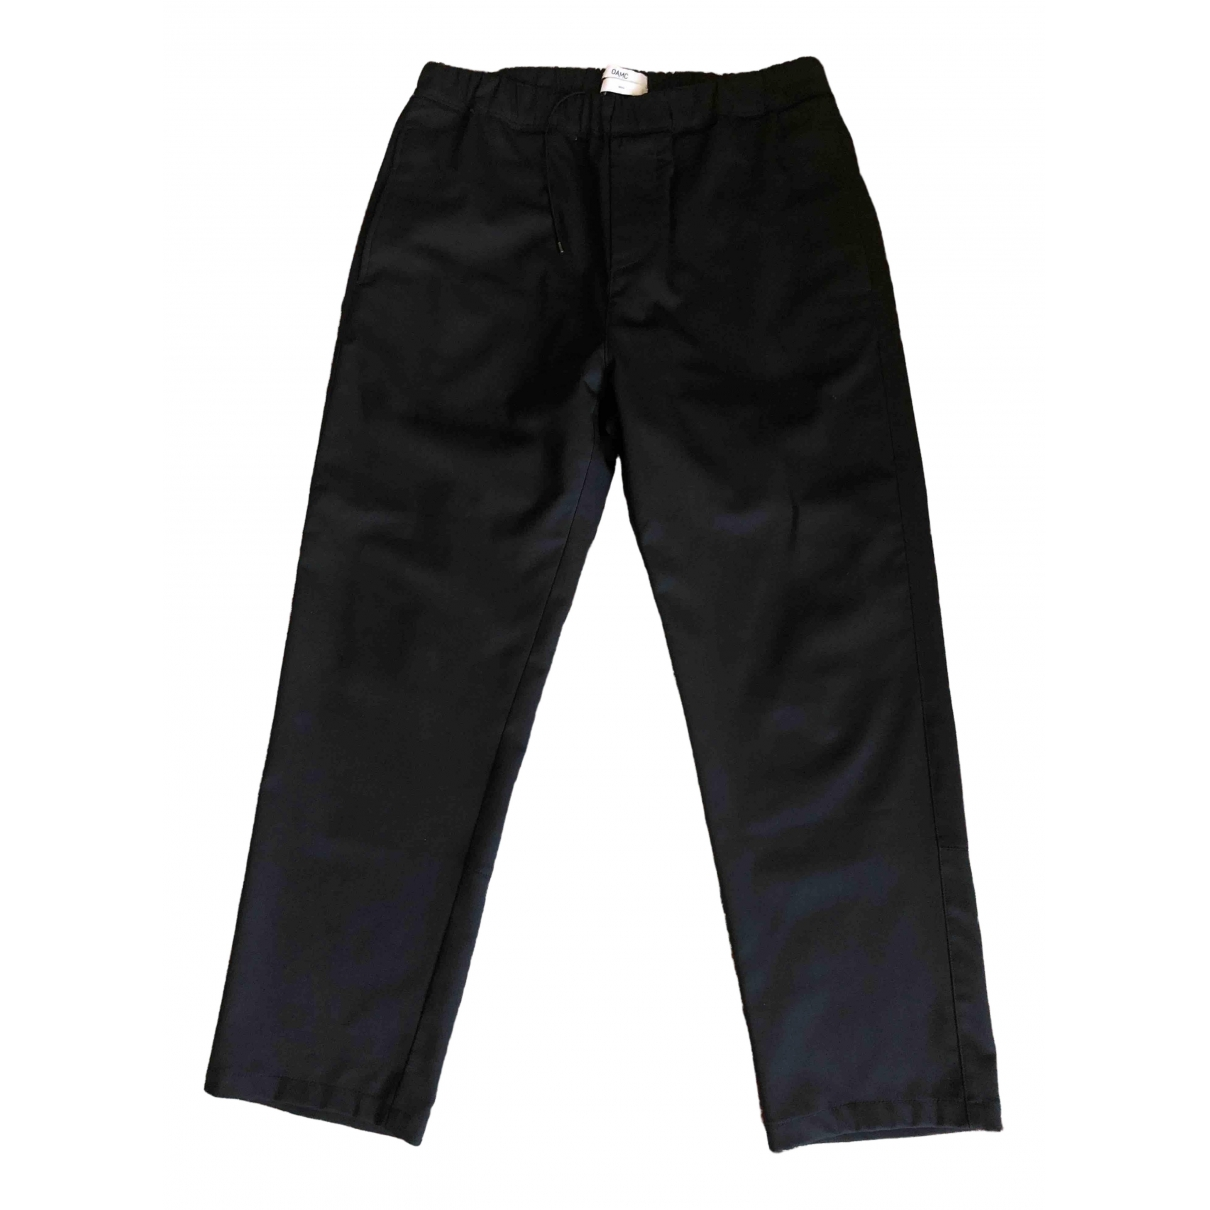 Oamc \N Black Trousers for Men S International